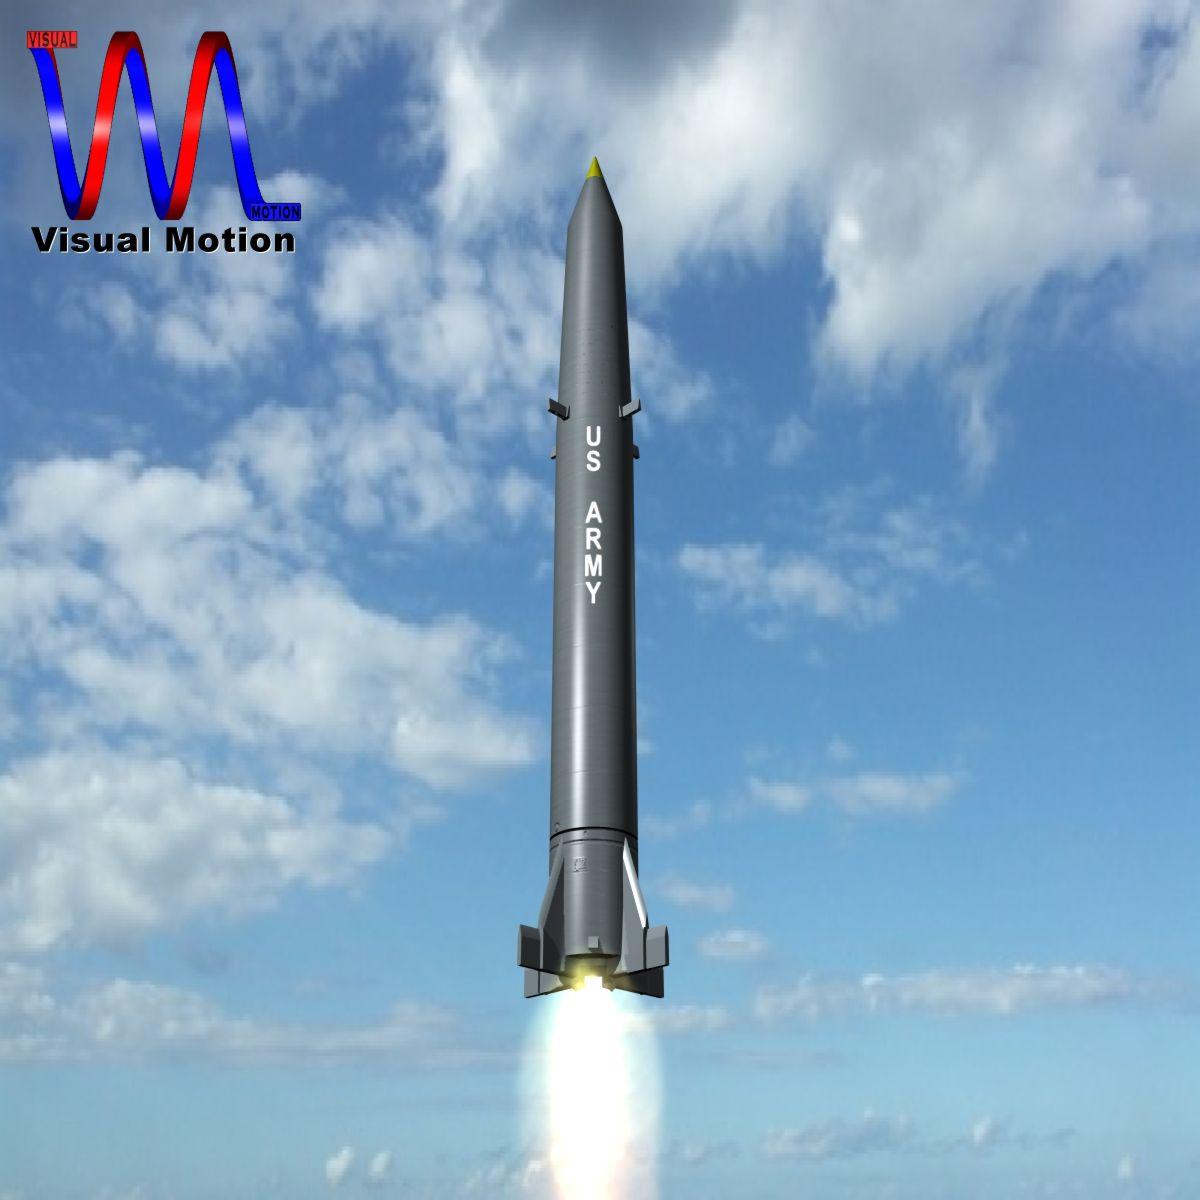 бидэнд pgm-11 улаан өнгийн пуужингийн пуужин 3d загвар 3ds dxf x cod scn obj 149311